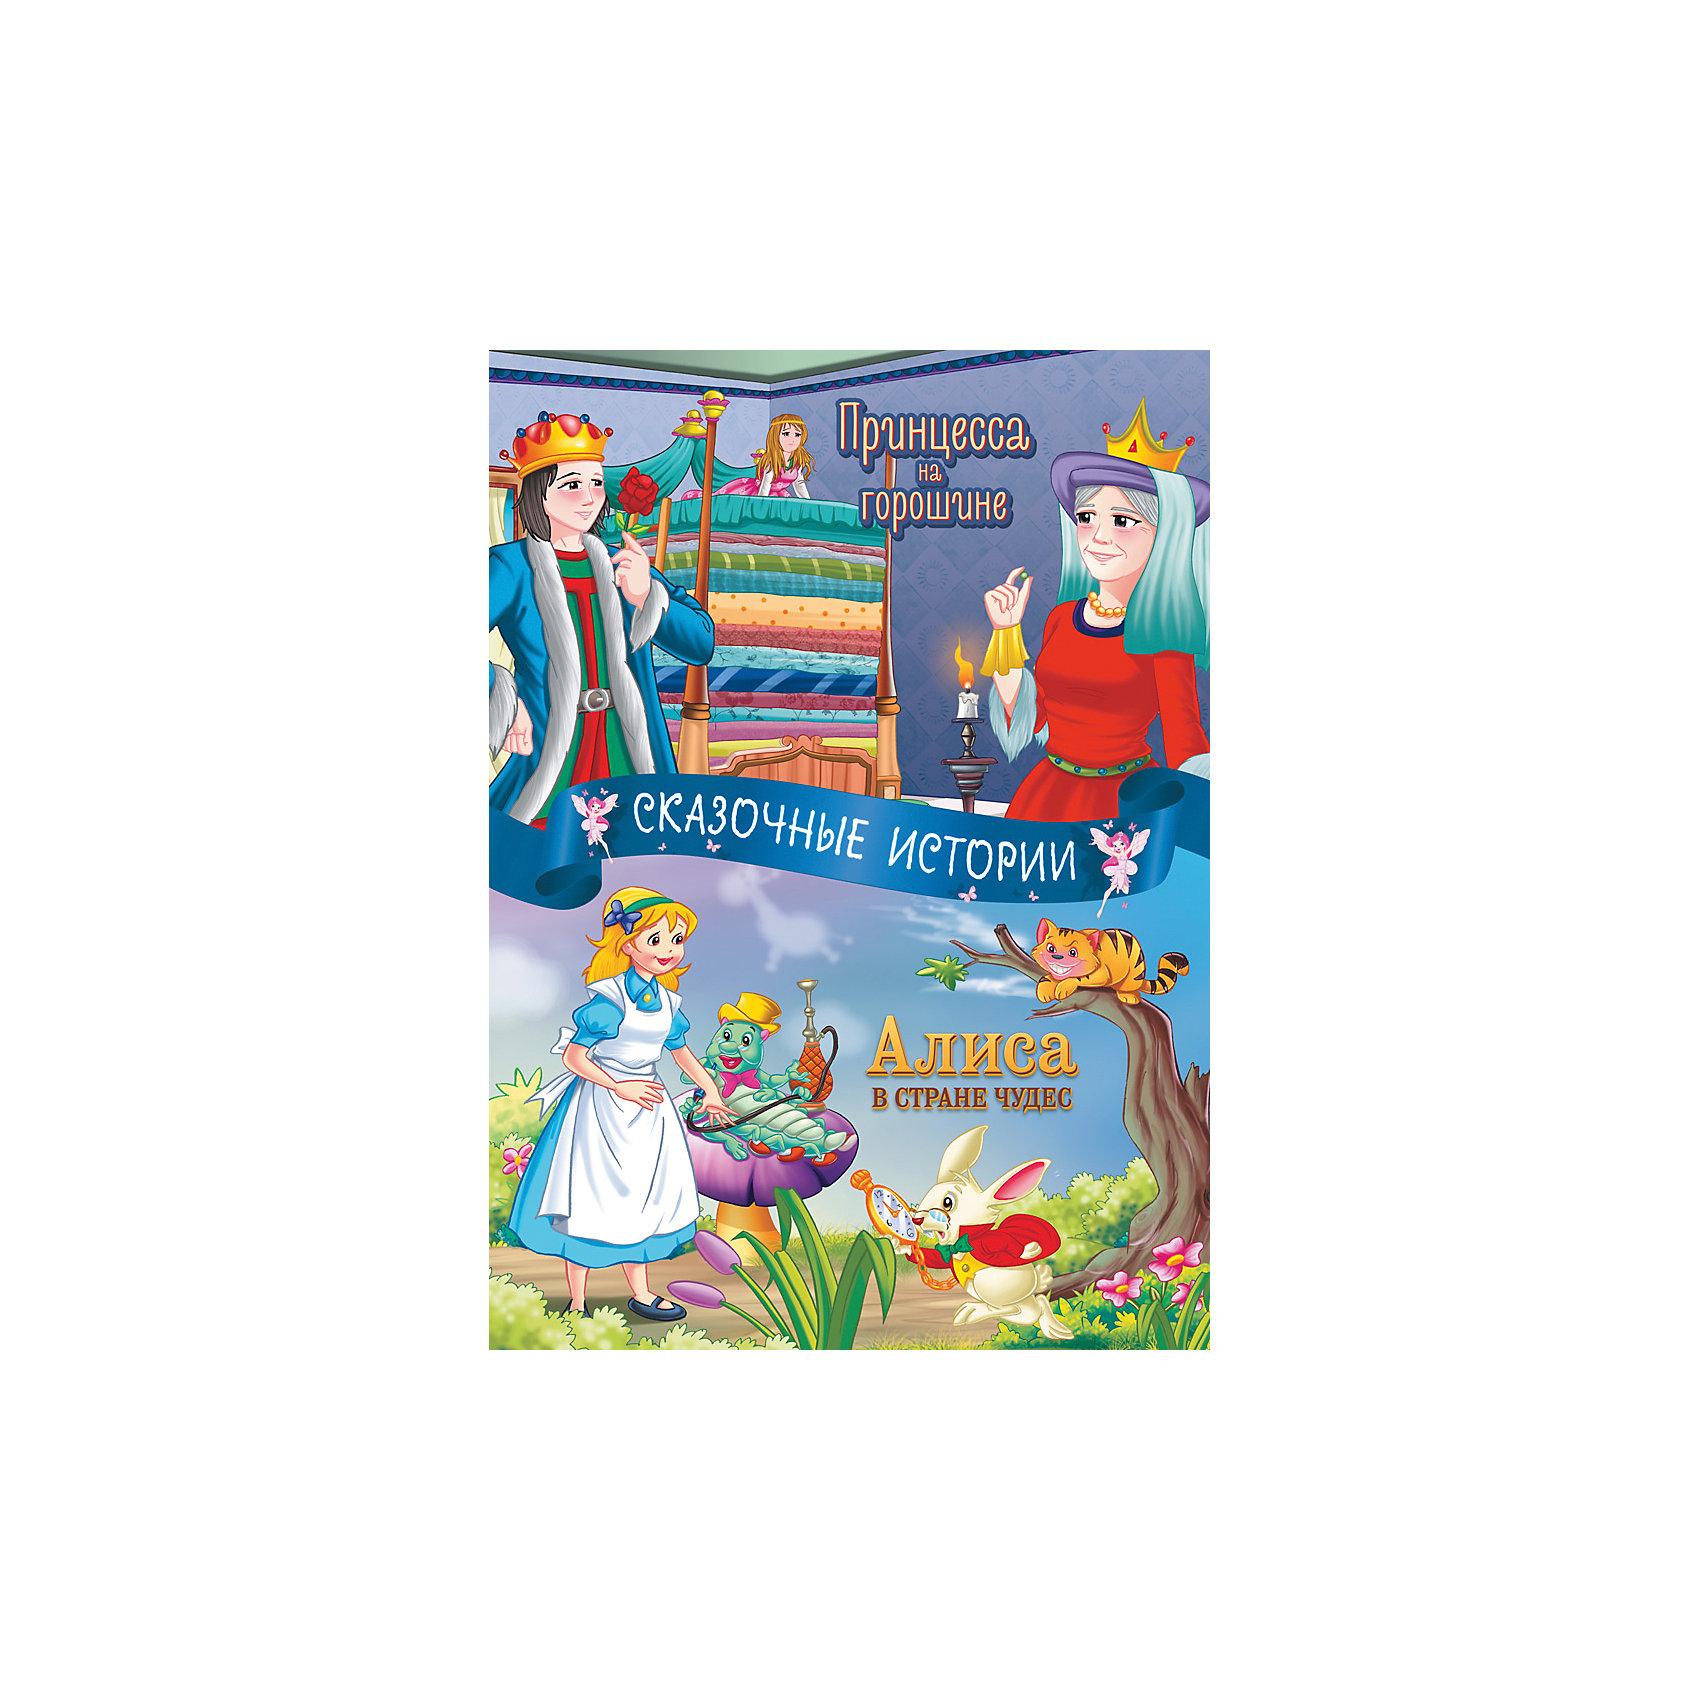 Сказочные истории: Принцесса на горошине, Алиса в стране чудесСказочные истории: Принцесса на горошине, Алиса в стране чудес – это красочно иллюстрированная книга, адаптированная для малышей.<br>На страницах книги вашего ребенка ждет знакомство с известной сказкой Ханса Кристиана Андерсена «Принцесса на горошине» и сказкой на все времена «Алиса в стране чудес», написанной английским математиком Льюисом Кэрроллом. Принцесса на горошине – это небольшая и изящная сказка, которая затрагивает очень важную и непростую тему: как отличить настоящее от подделки, подлинное благородство души от притворства. Алиса в Стране Чудес - это сказка, повествующая о чудесных приключениях главной героини, которая попадает сквозь кроличью нору в воображаемый мир, населённый странными жителями Чеширским котом, который может пропадать частями и оставлять после себя лишь улыбку, Болванщиком, Мартовским Зайцем и другими. Эти сказки поражают воображение маленьких детей, которые готовы слушать их снова и снова. Серия Сказочные истории – это красочно иллюстрированные книги для дошкольников. Тексты всемирно известных сказок адаптированы для восприятия самыми маленькими читателями, которым ещё не под силу знакомство с оригинальными книгами. Многие из этих историй знает и любит уже несколько поколений, это сокровищница детской литературы и своеобразный мостик, связывающий бабушек, дедушек, родителей и малышей.<br><br>Дополнительная информация:<br><br>- Авторы: Кэрролл Льюис, Андерсен Ханс Кристиан<br>- Издательство: Новый диск, 2015 г.<br>- Серия: Сказочные истории<br>- Тип обложки: мягкий переплет (крепление скрепкой или клеем)<br>- Иллюстрации: цветные<br>- Количество страниц: 32 (офсет)<br>- Размер: 290x210x3 мм.<br>- Вес: 122 гр.<br><br>Книгу Сказочные истории: Принцесса на горошине, Алиса в стране чудес можно купить в нашем интернет-магазине.<br><br>Ширина мм: 21<br>Глубина мм: 2<br>Высота мм: 29<br>Вес г: 123<br>Возраст от месяцев: 24<br>Возраст до месяцев: 72<br>Пол: Унисекс<br>Возраст: Детс